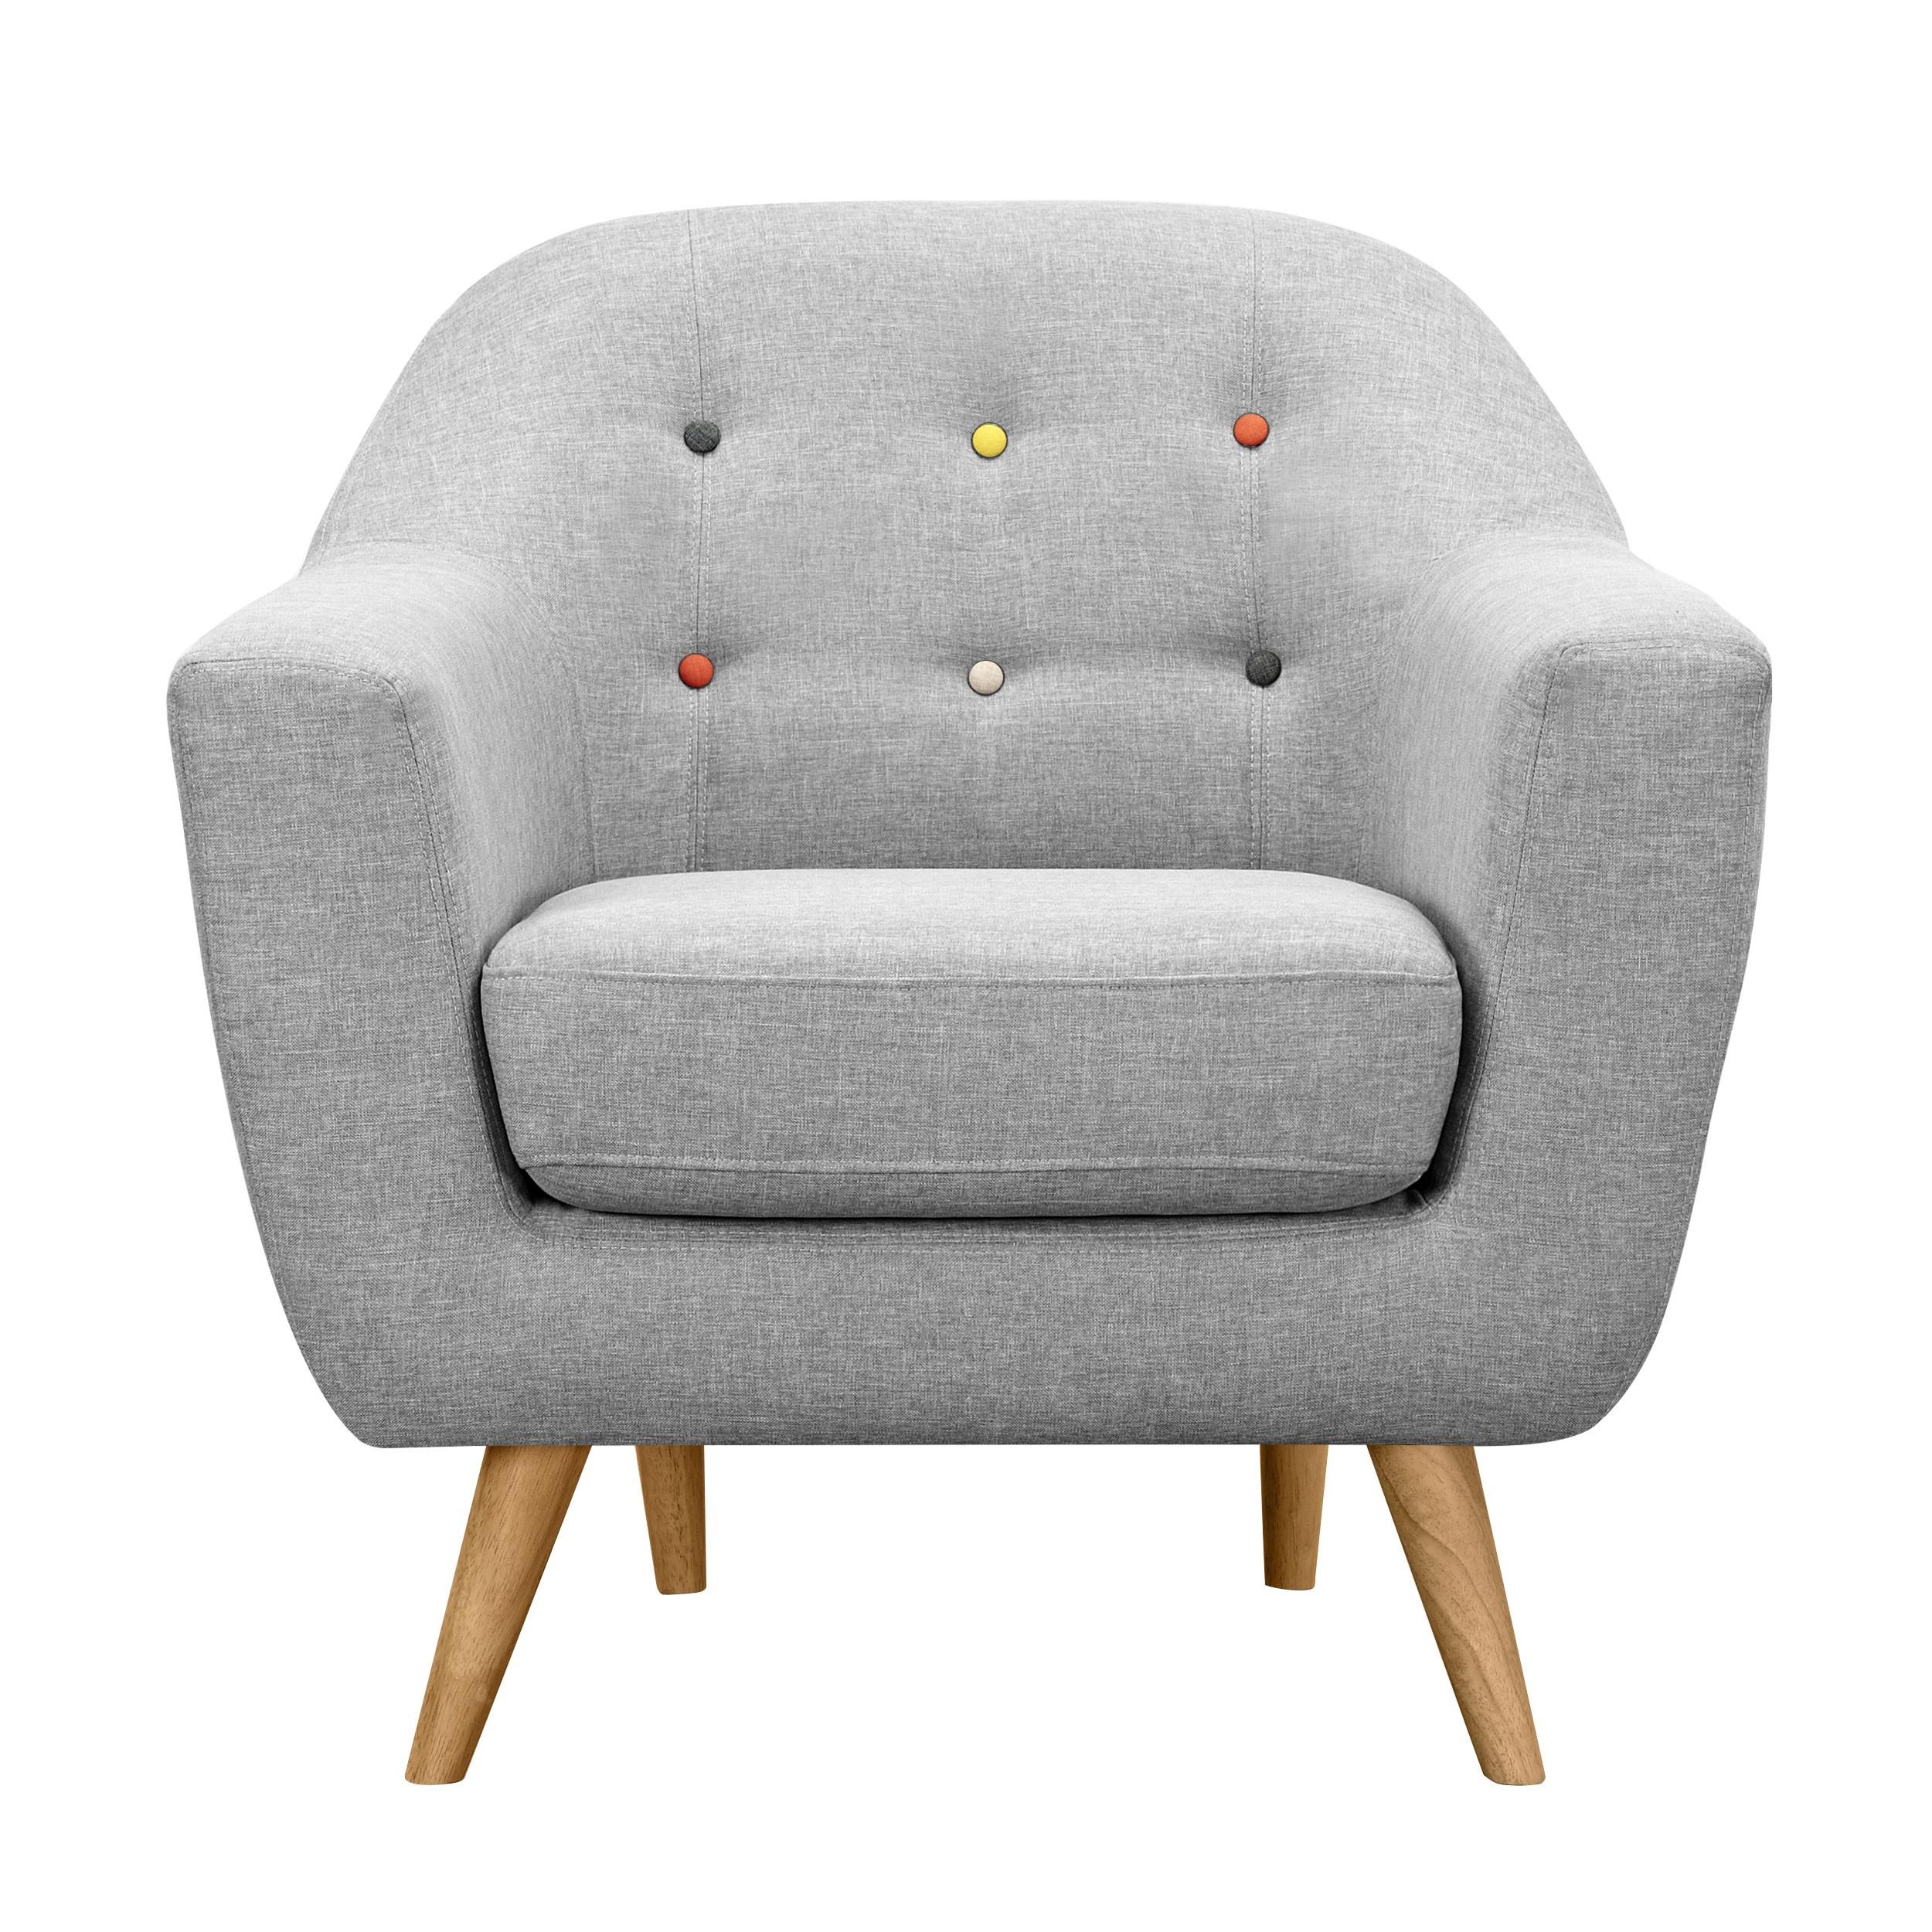 Fauteuil Rio gris clair mandez nos fauteuils Rio gris clair RDV